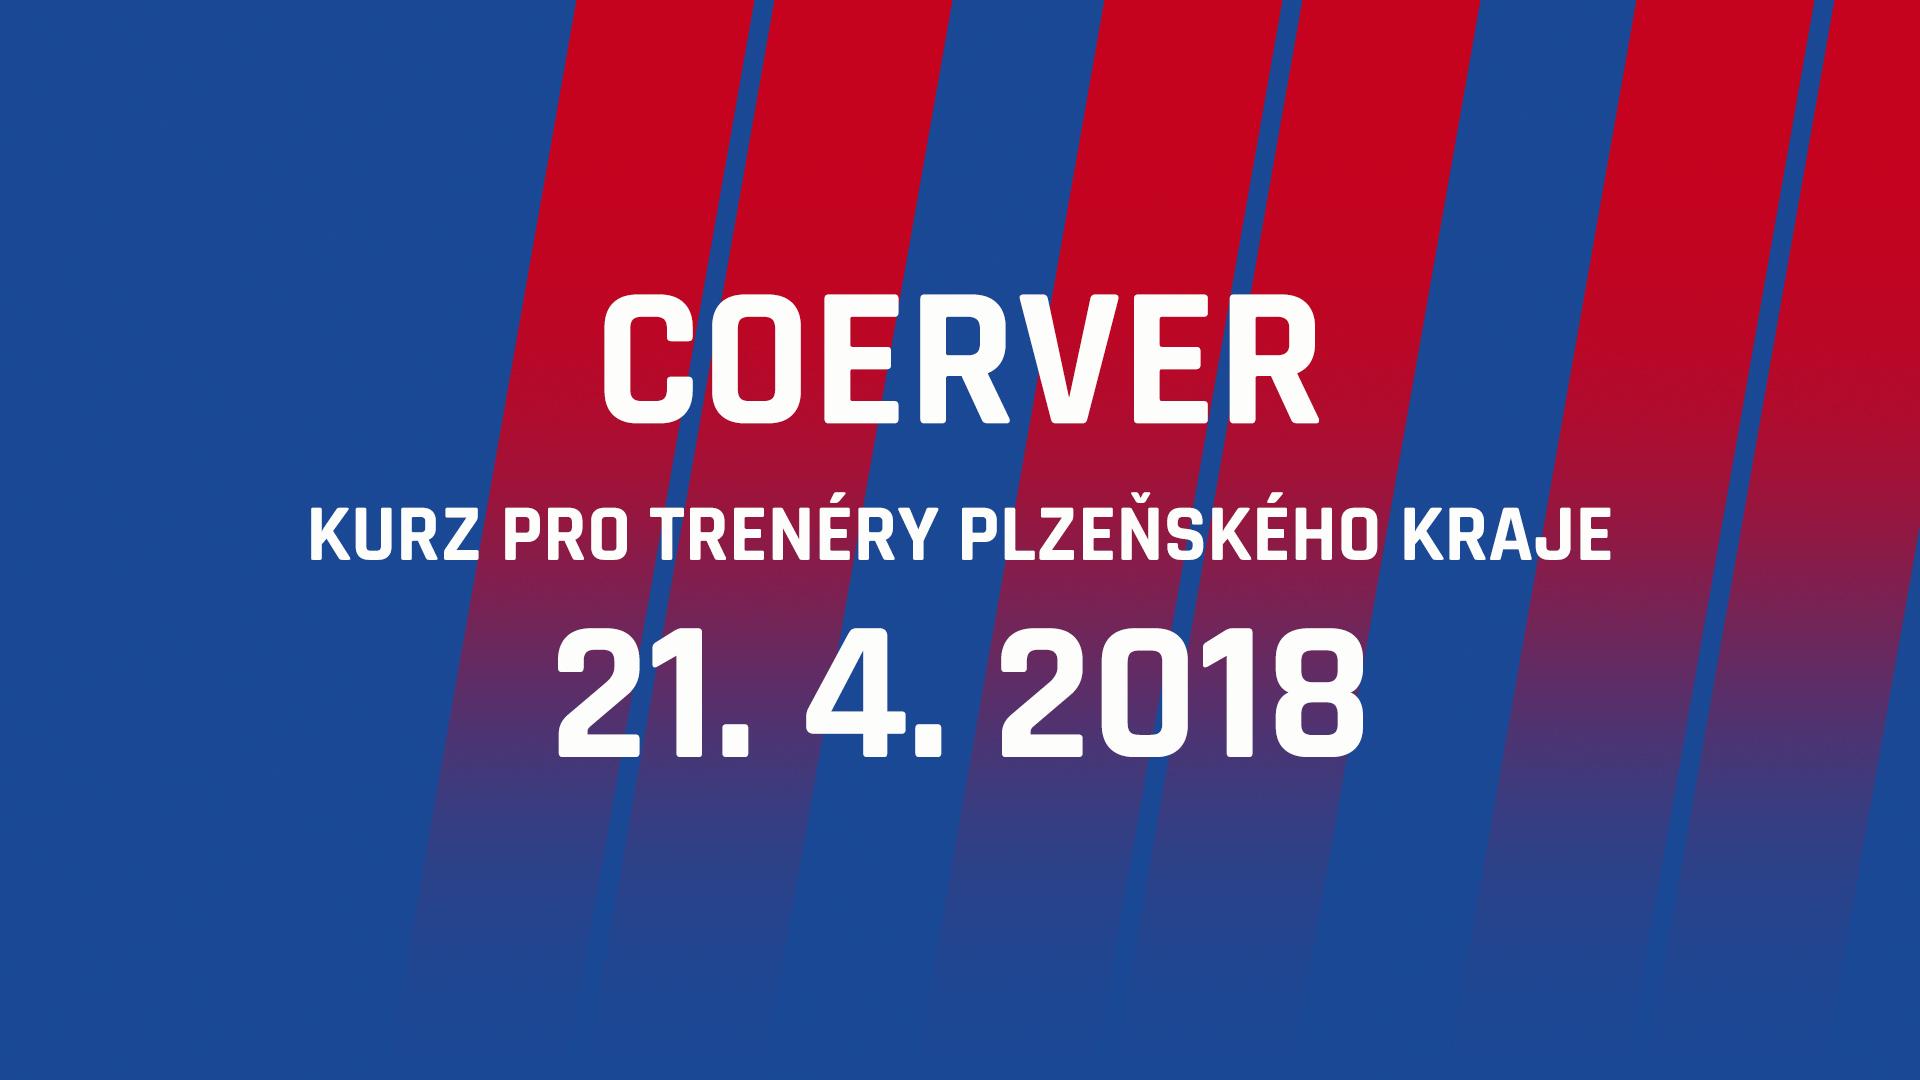 Coerver coaching pořádá ve spolupráci s Viktorií kurz pro trenéry z Plzeňského kraje